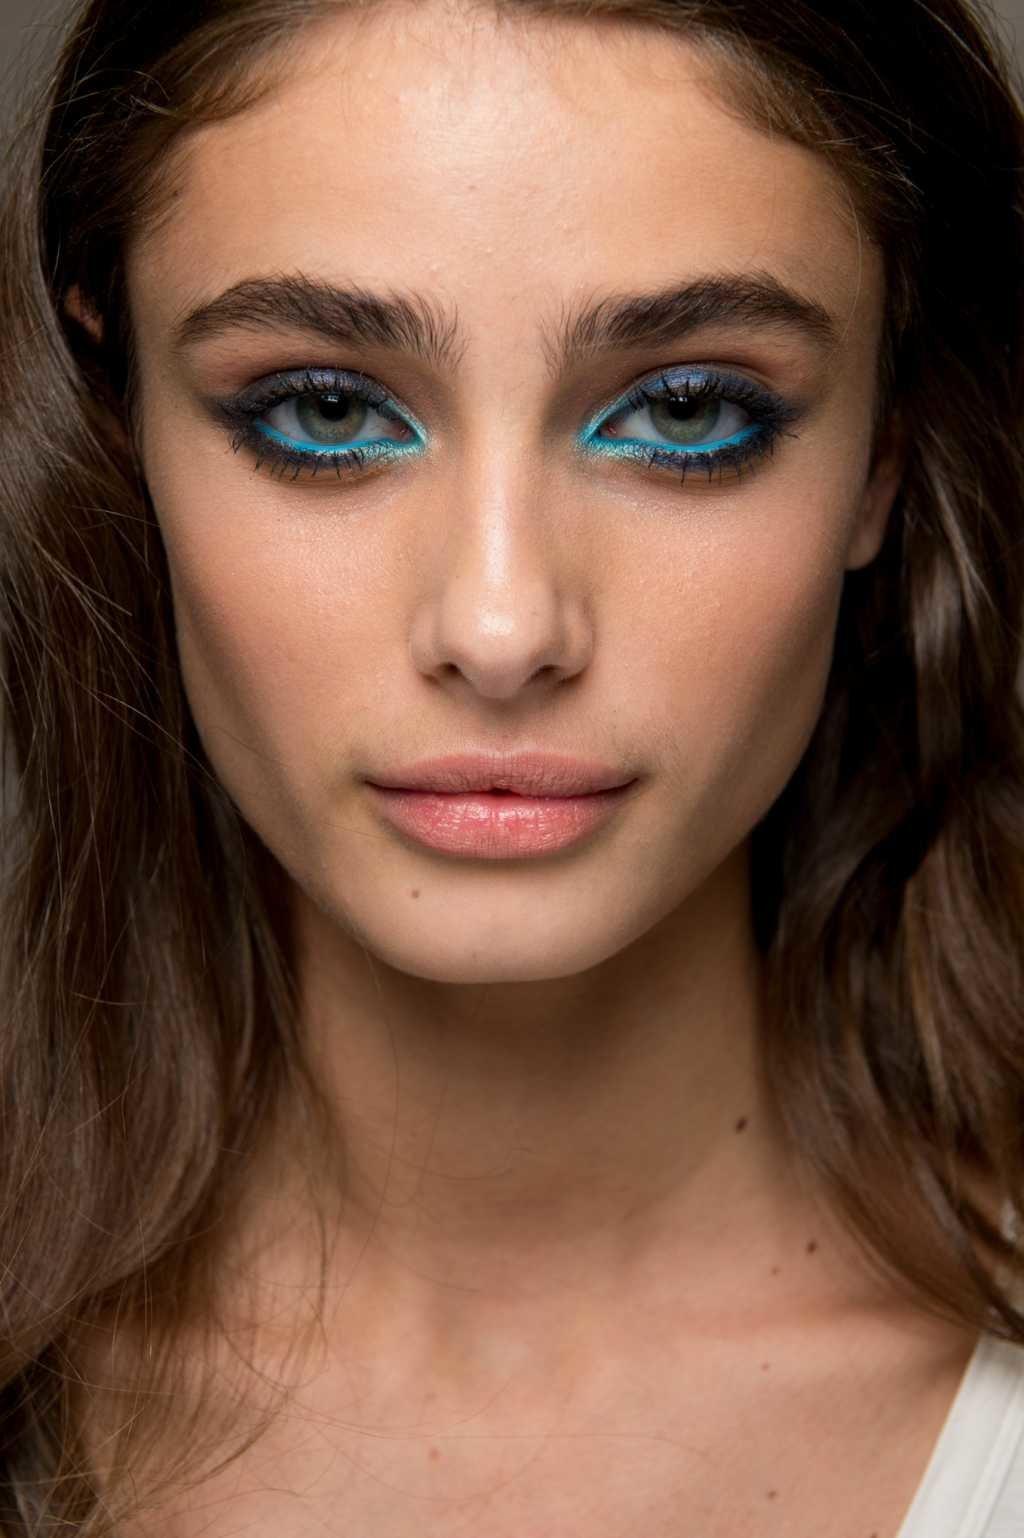 Макияж для темненьких с голубыми глазами